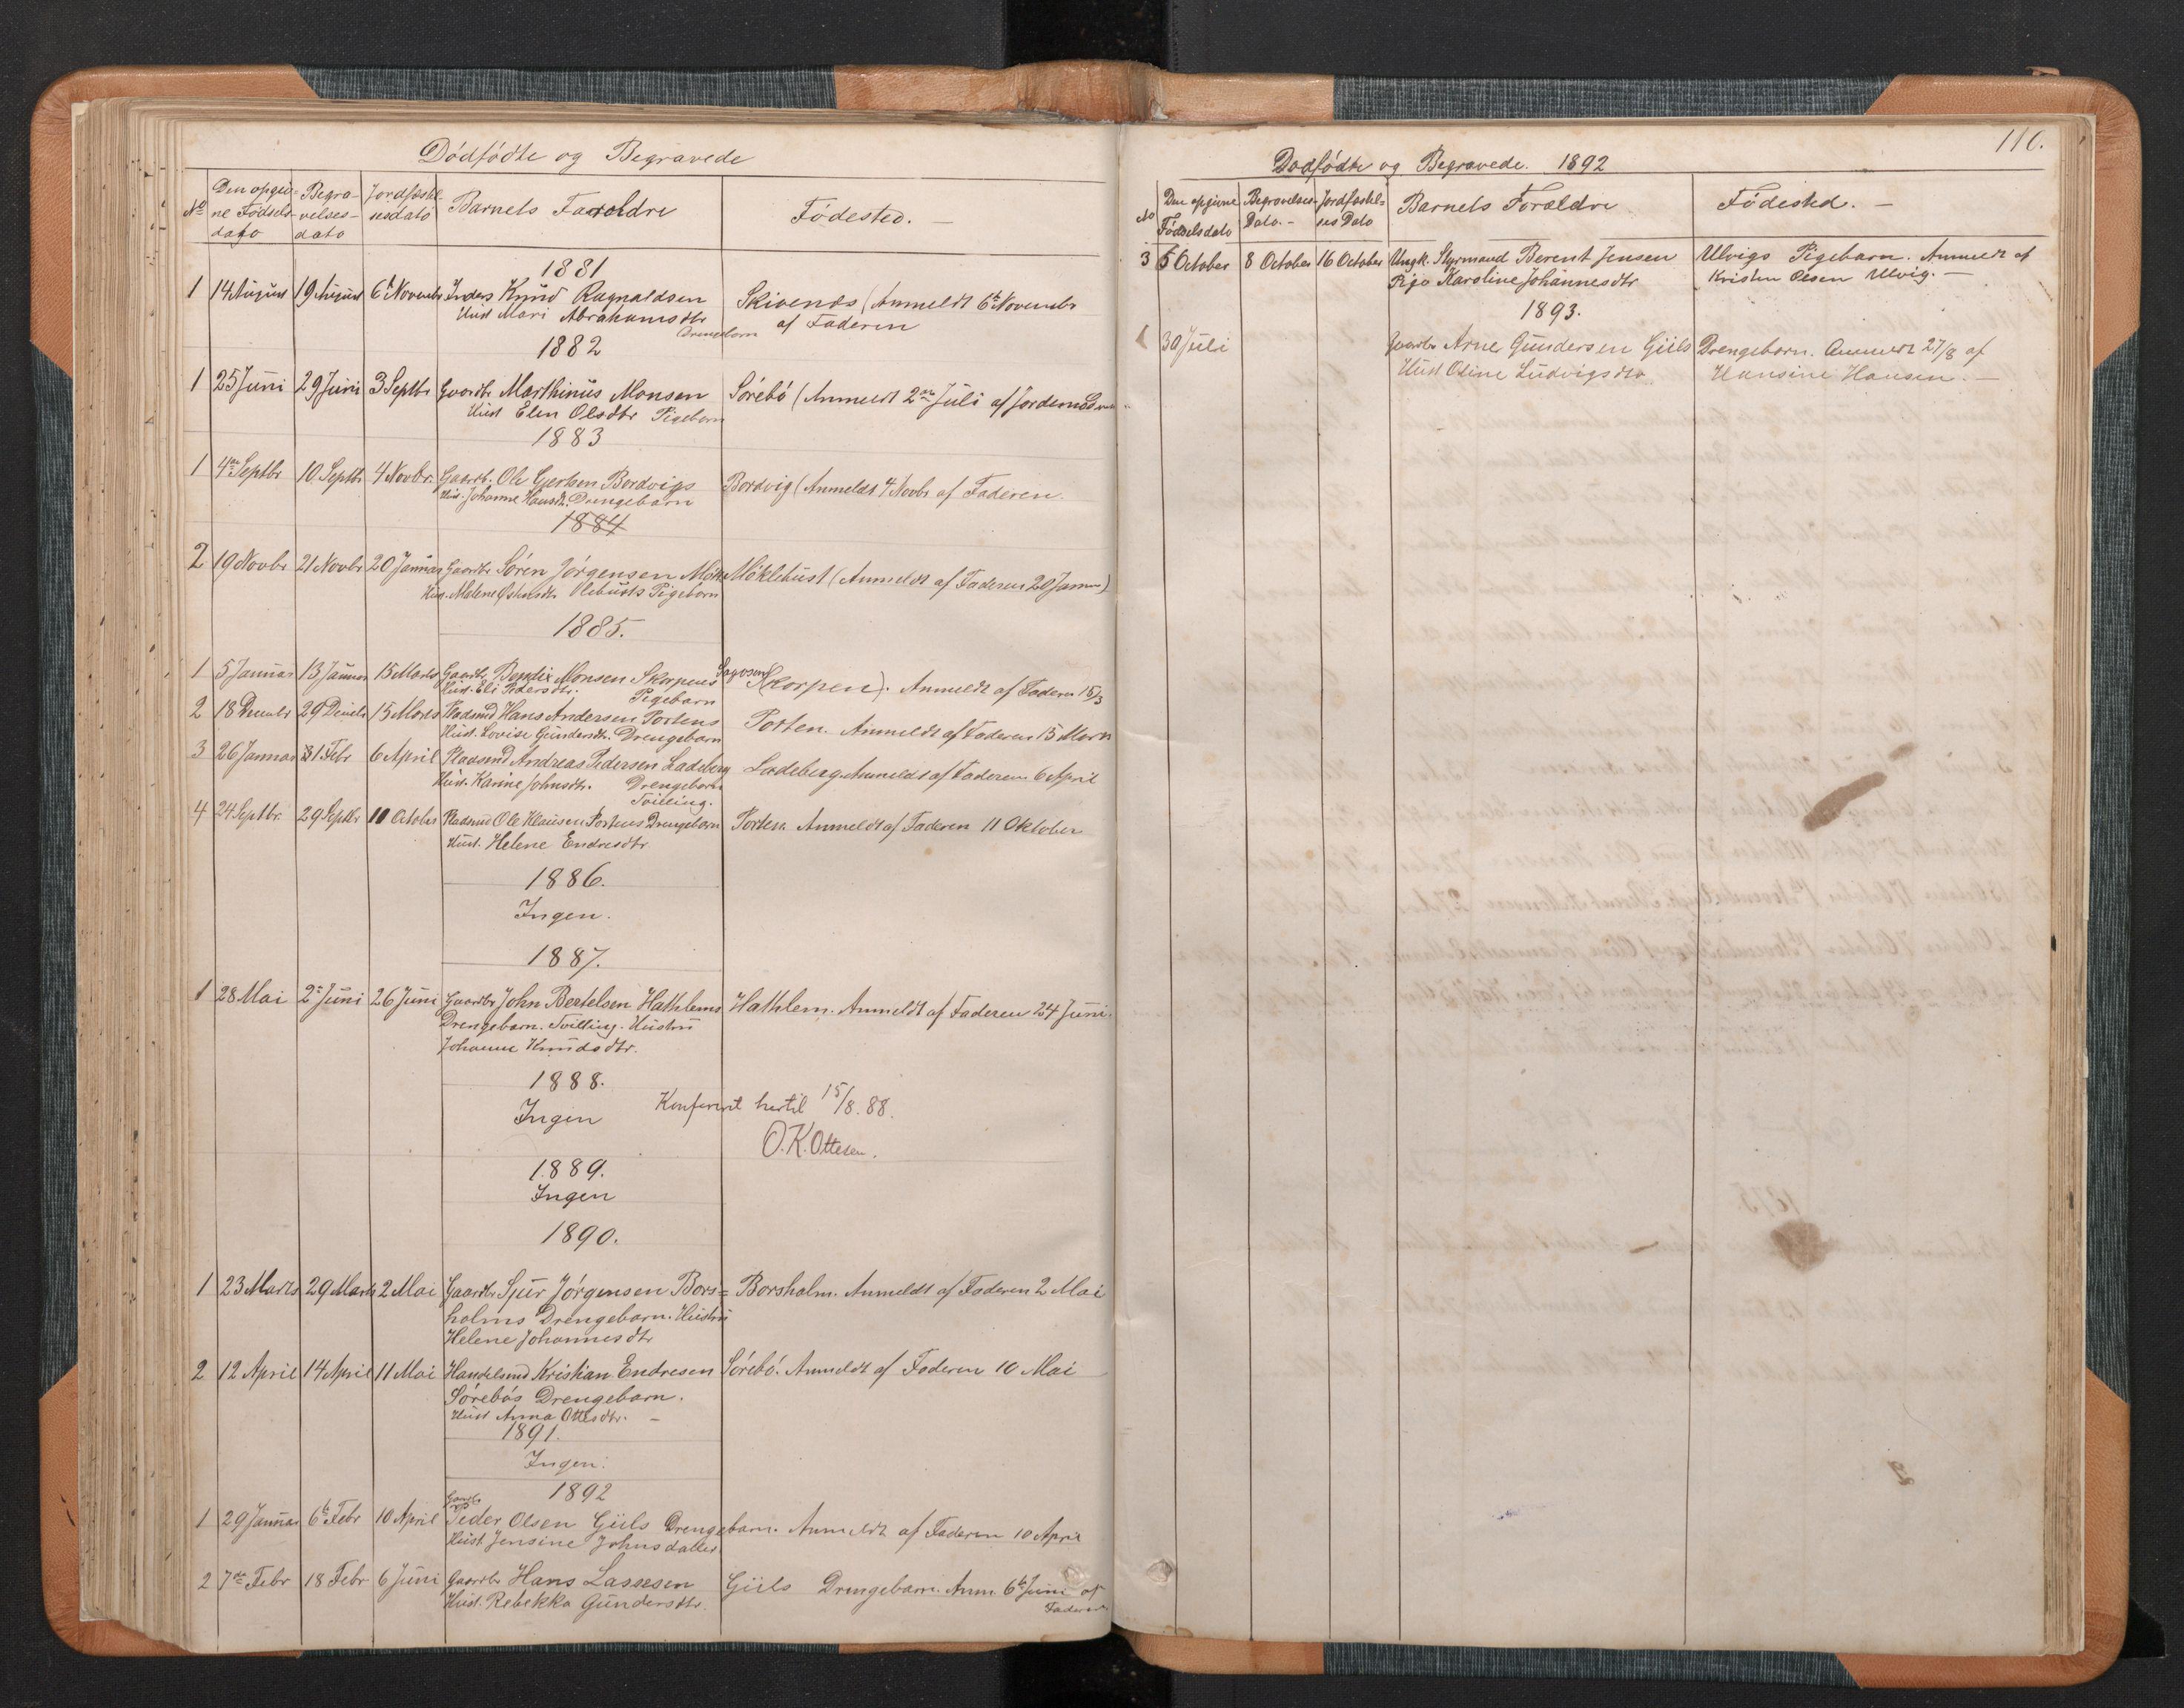 SAB, Hyllestad Sokneprestembete, Klokkerbok nr. C 2, 1874-1894, s. 109b-110a